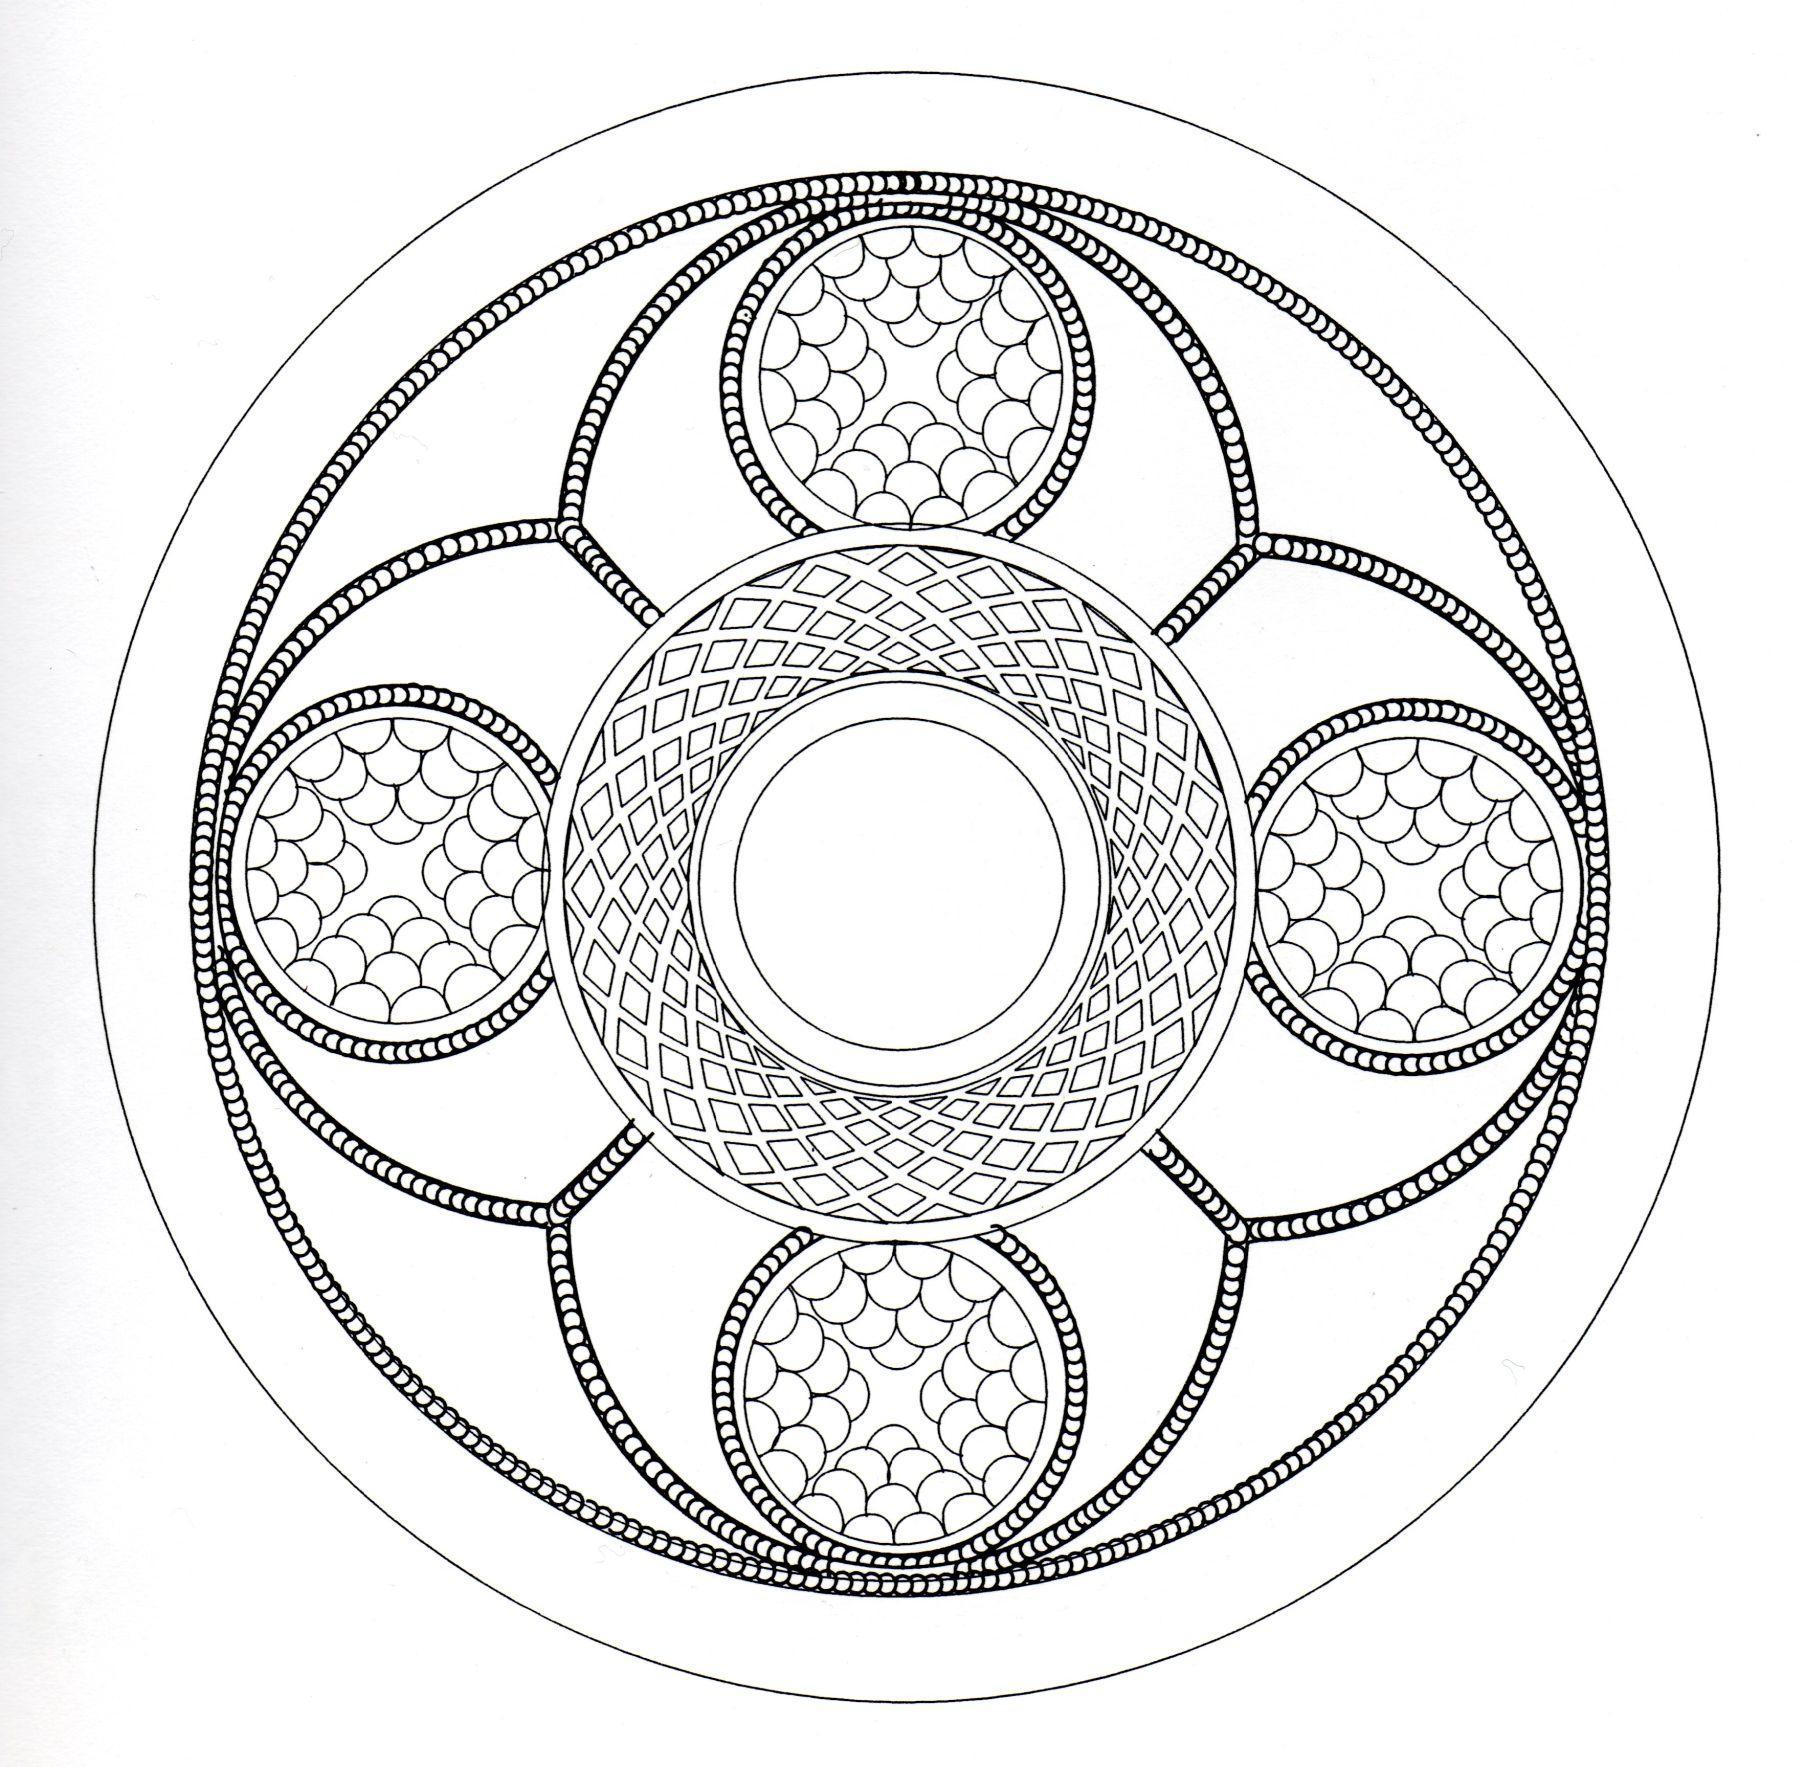 Coloriage Anti Stress Celtique.Mandala Celtique Complique Mandalas Difficiles Pour